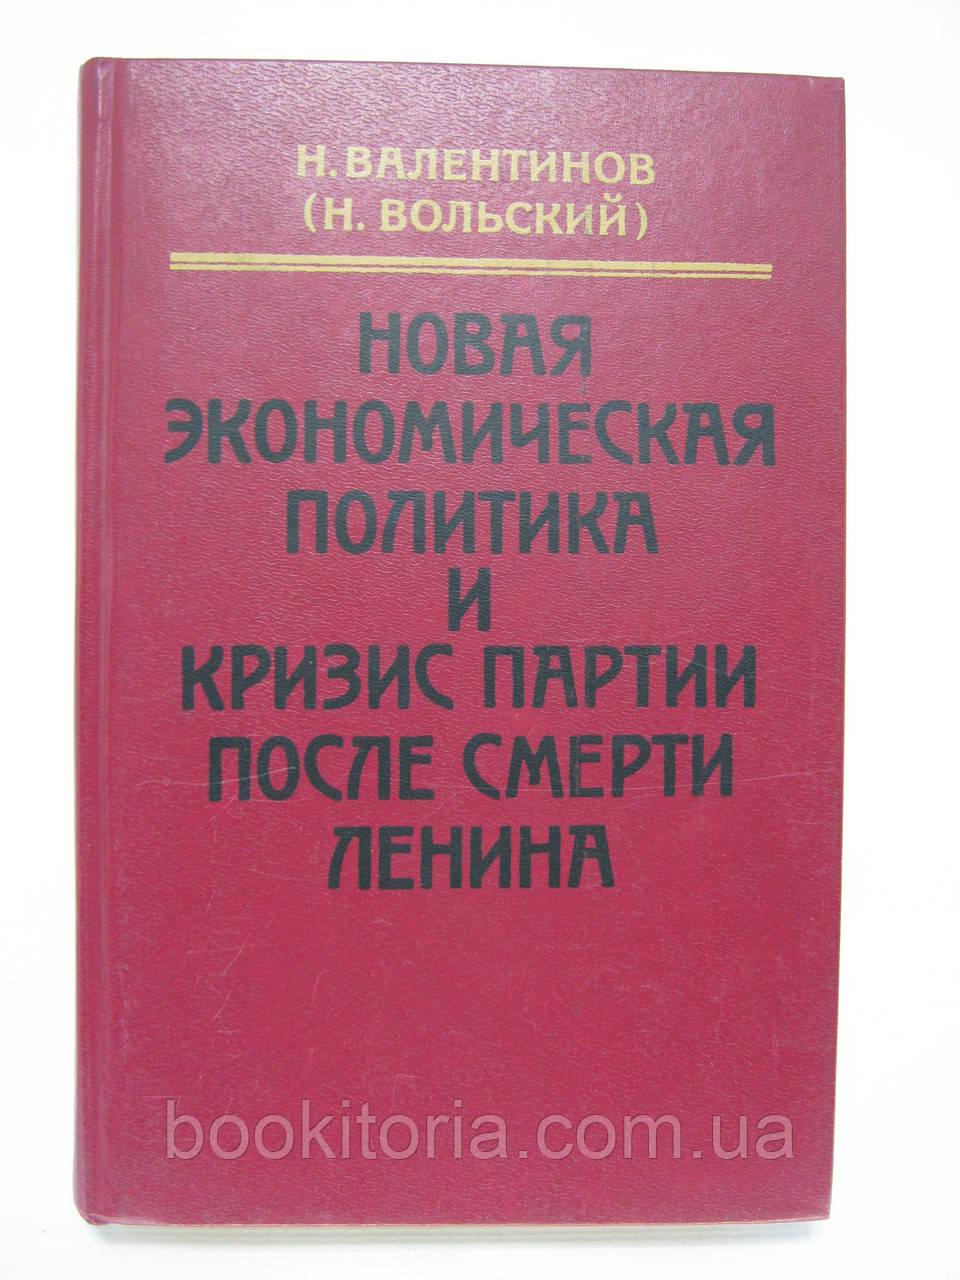 Валентинов Н. (Вольский Н.). Новая экономическая политика и кризис партии после смерти Ленина (б/у).